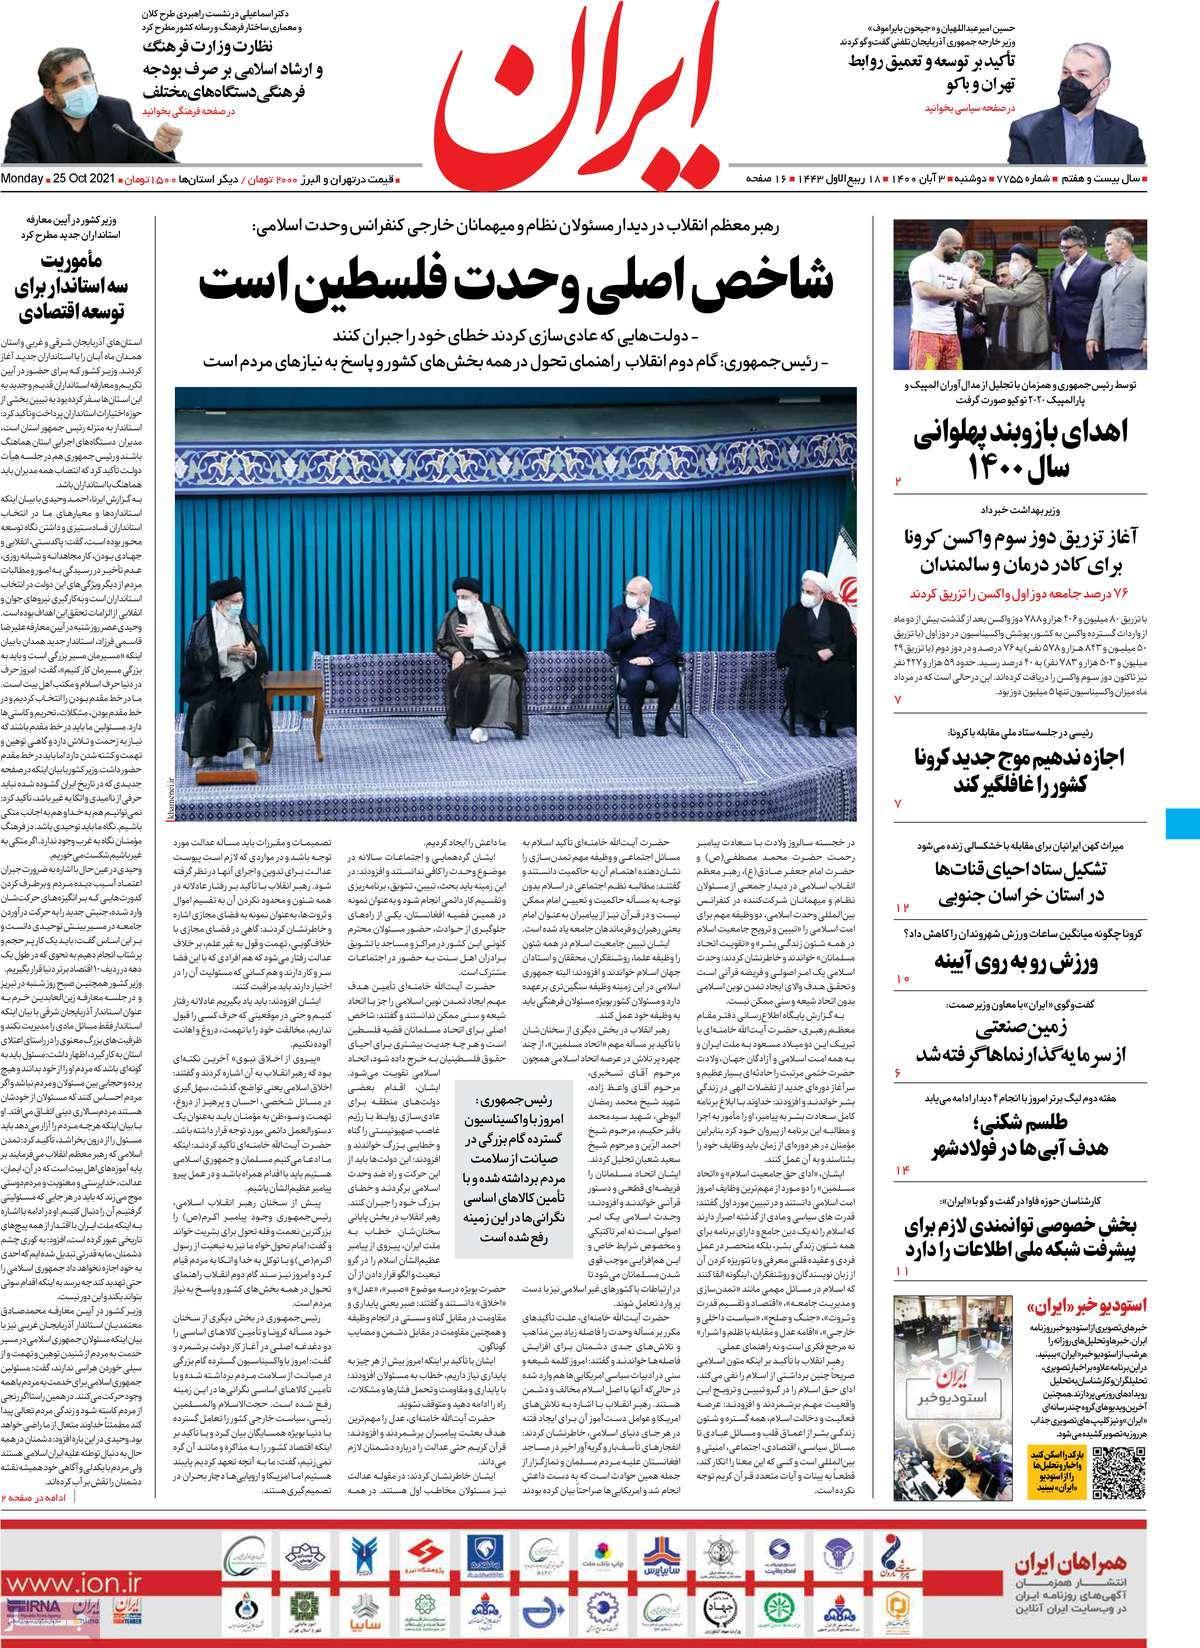 صفحه اول روزنامه ایران